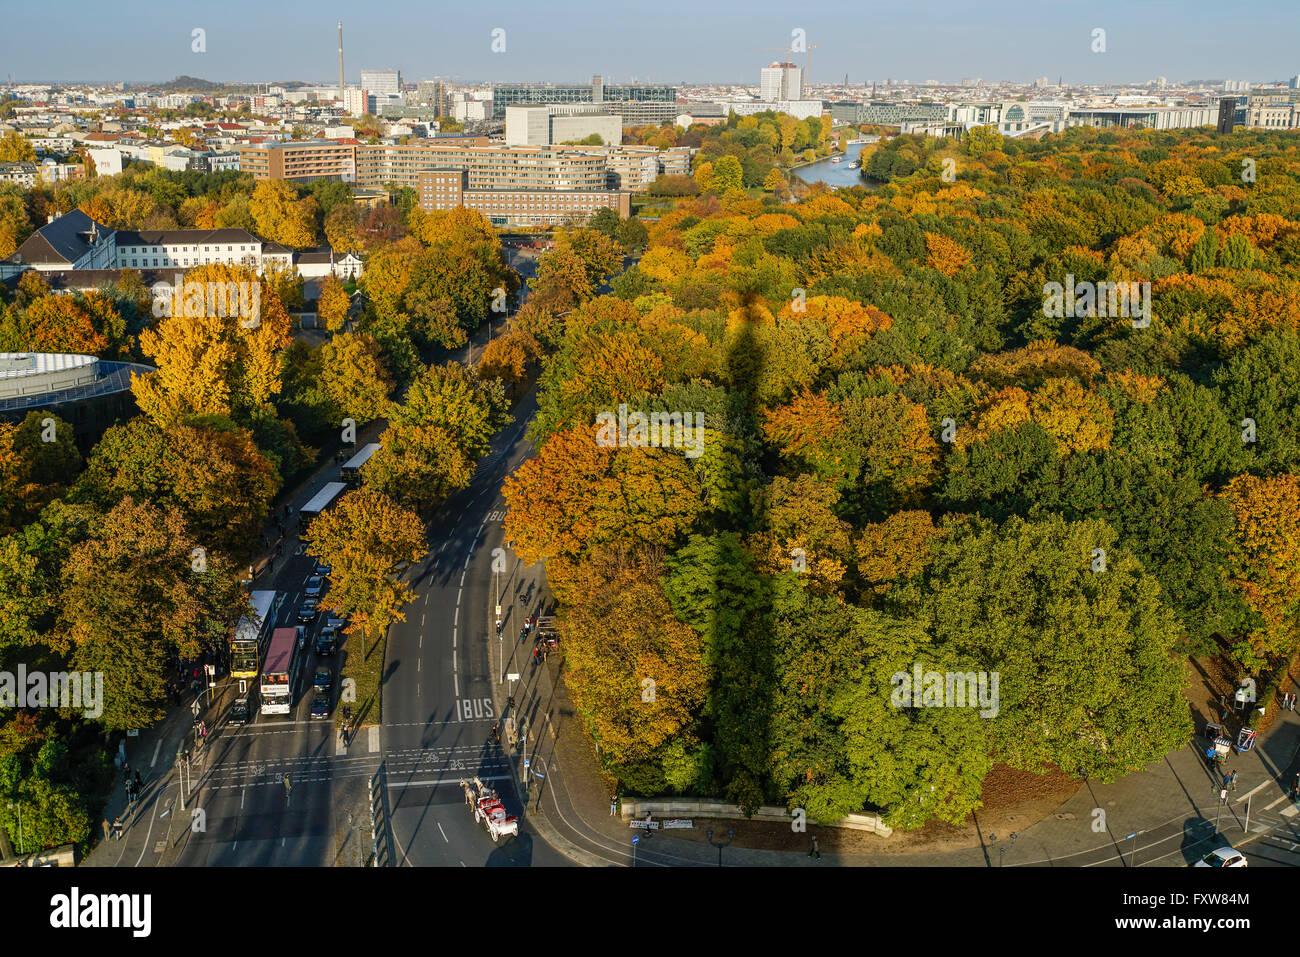 Tiergarten in autumn,View from victory column, castle Bellevue,  Berlin - Stock Image